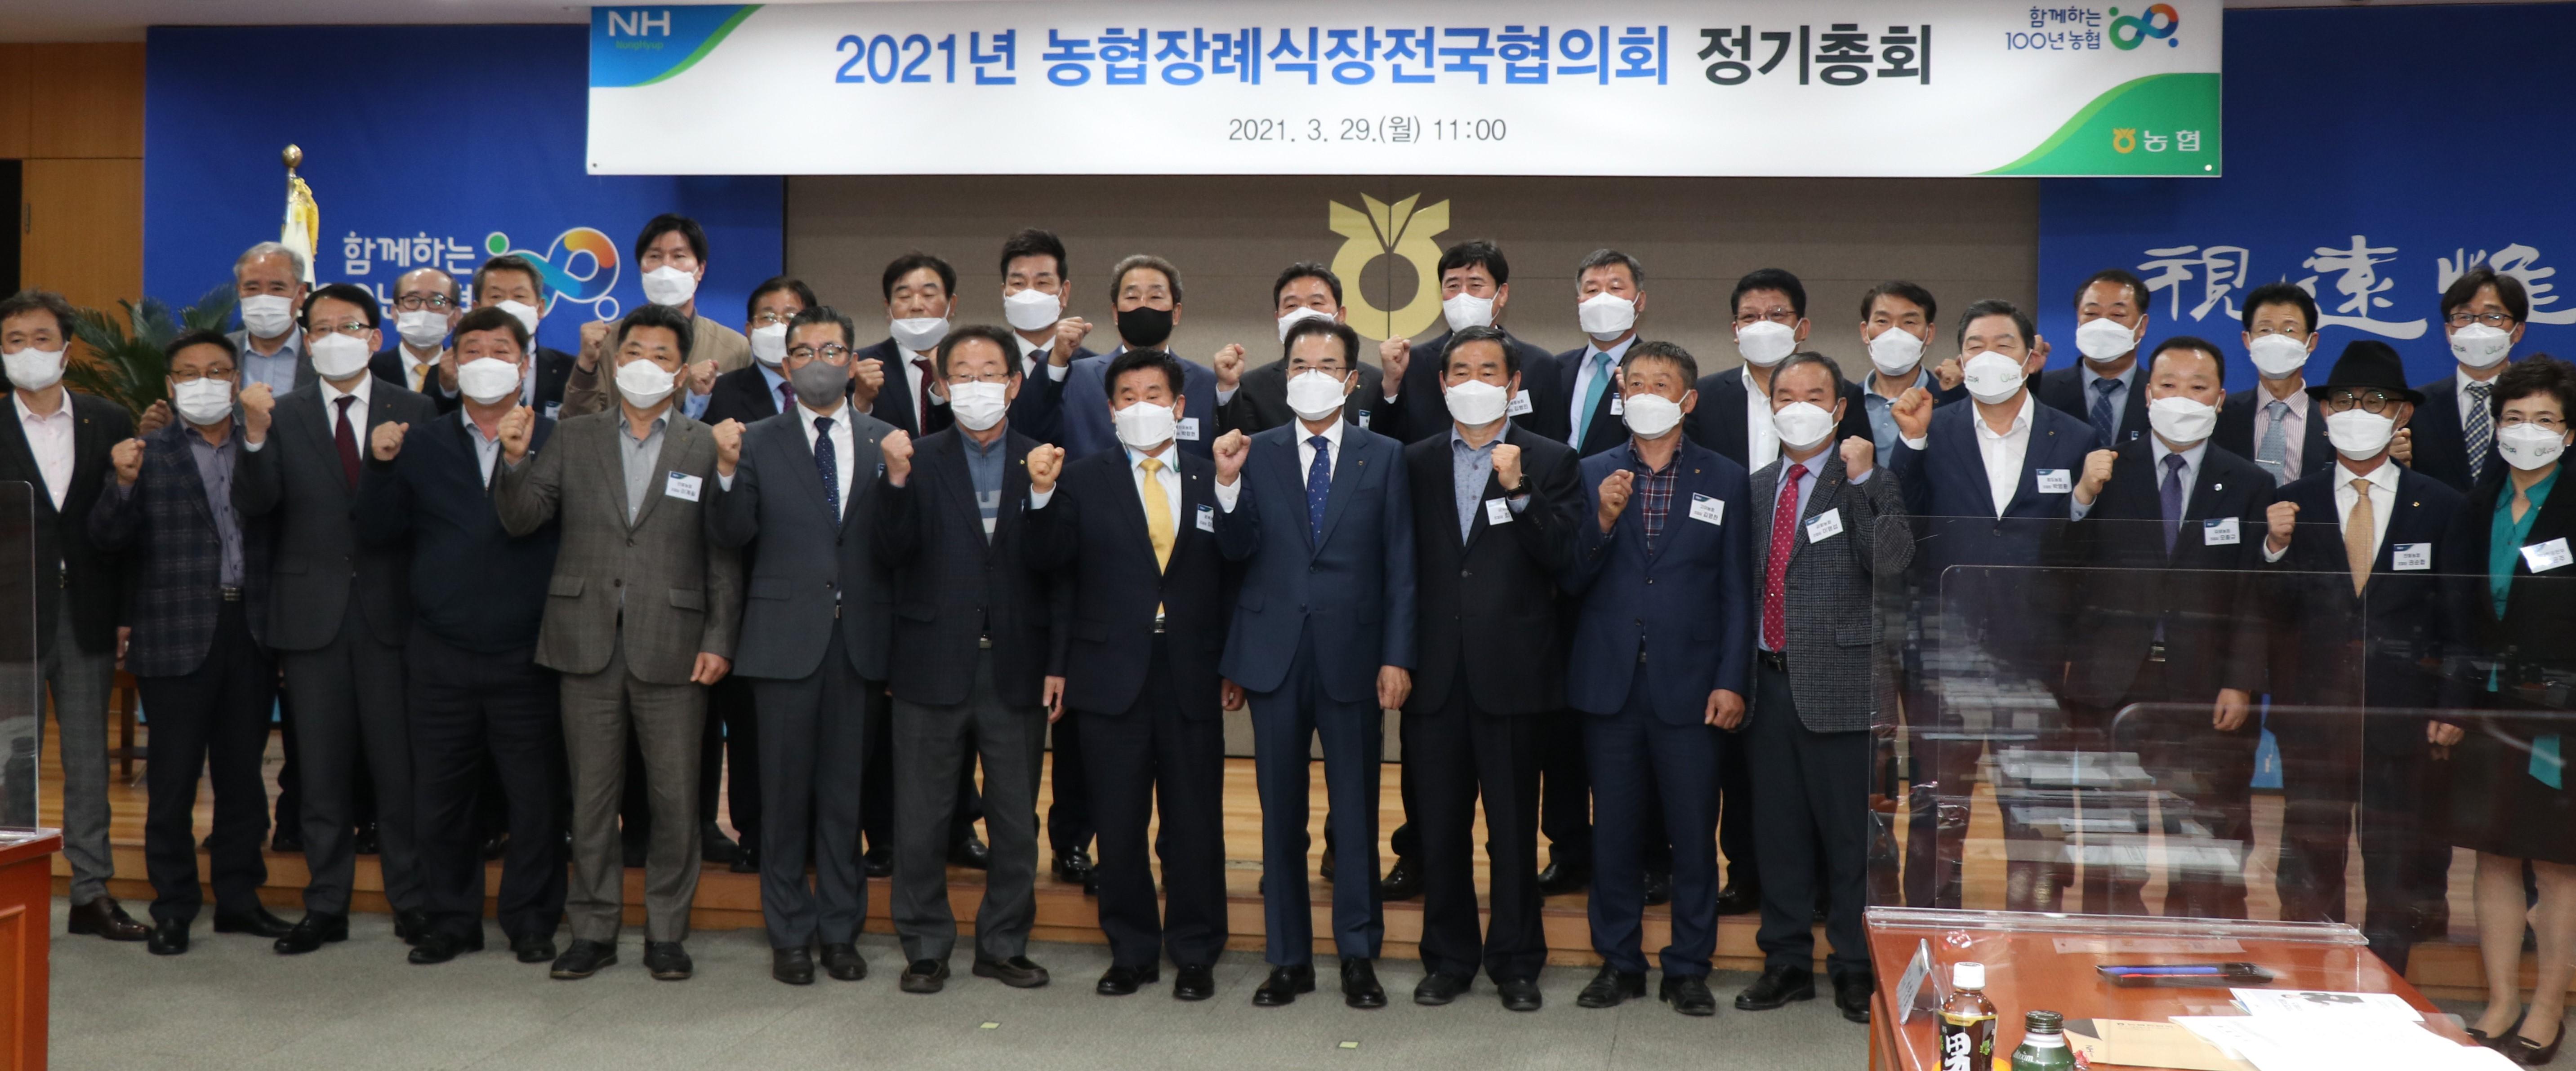 농협,'2021년 농협장례식장전국협의회 정기총회' 개최